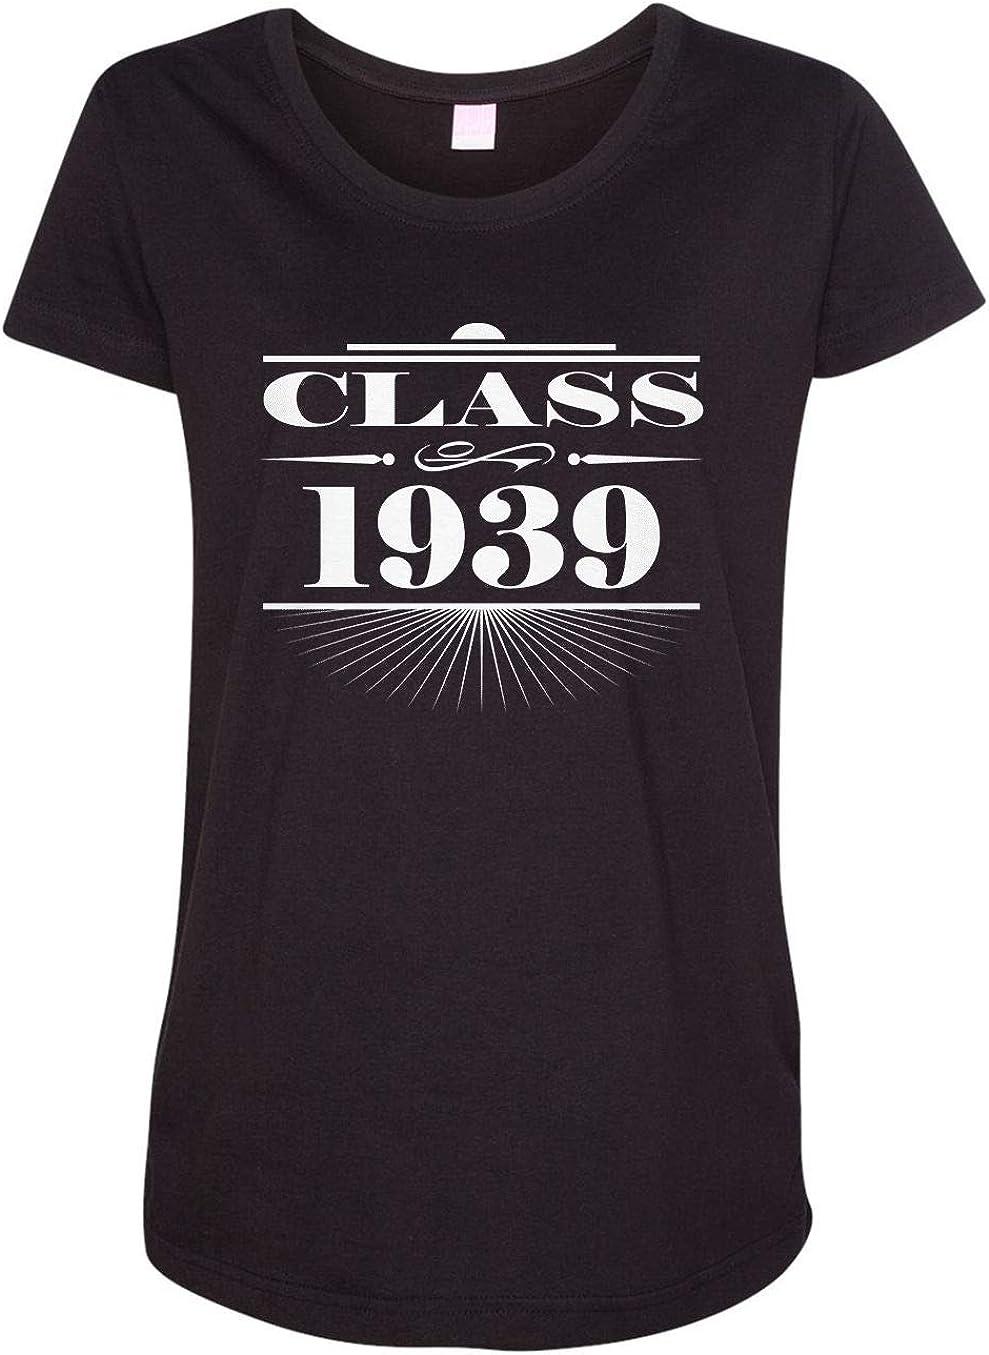 HARD EDGE DESIGN Women's Art Deco Class of 1939 T-Shirt